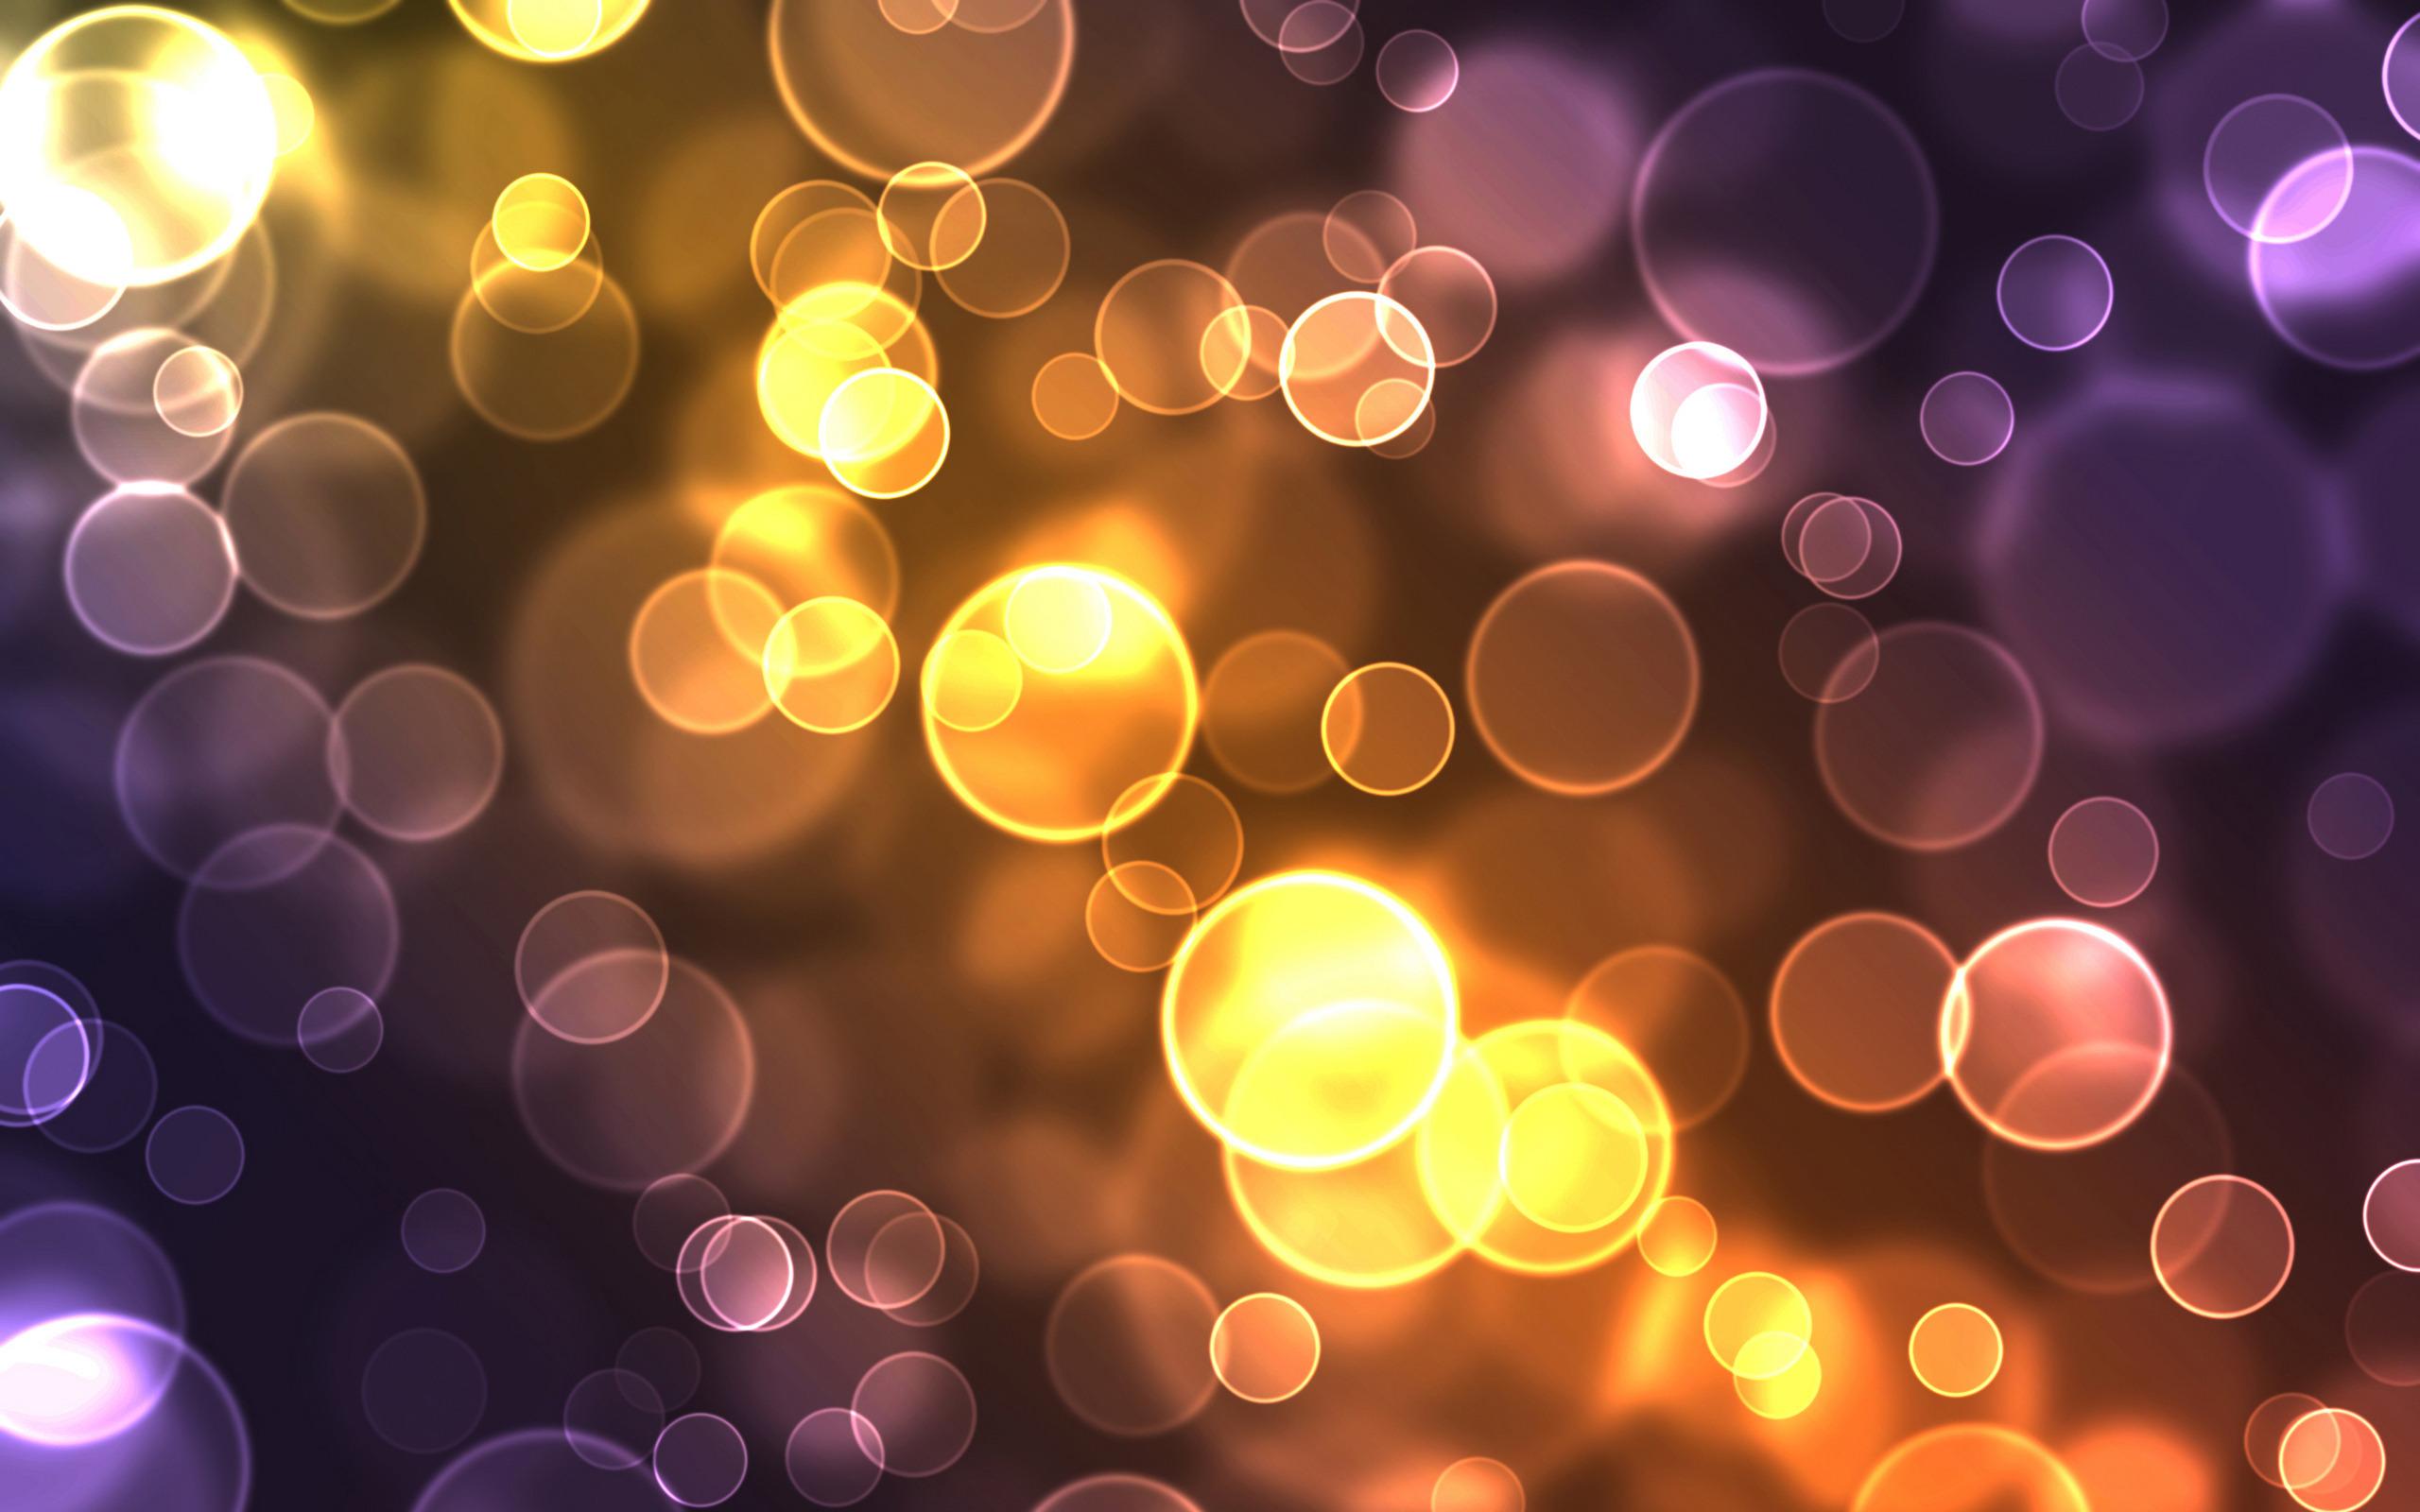 Круги свеяение свет абстракция  № 3671038 загрузить